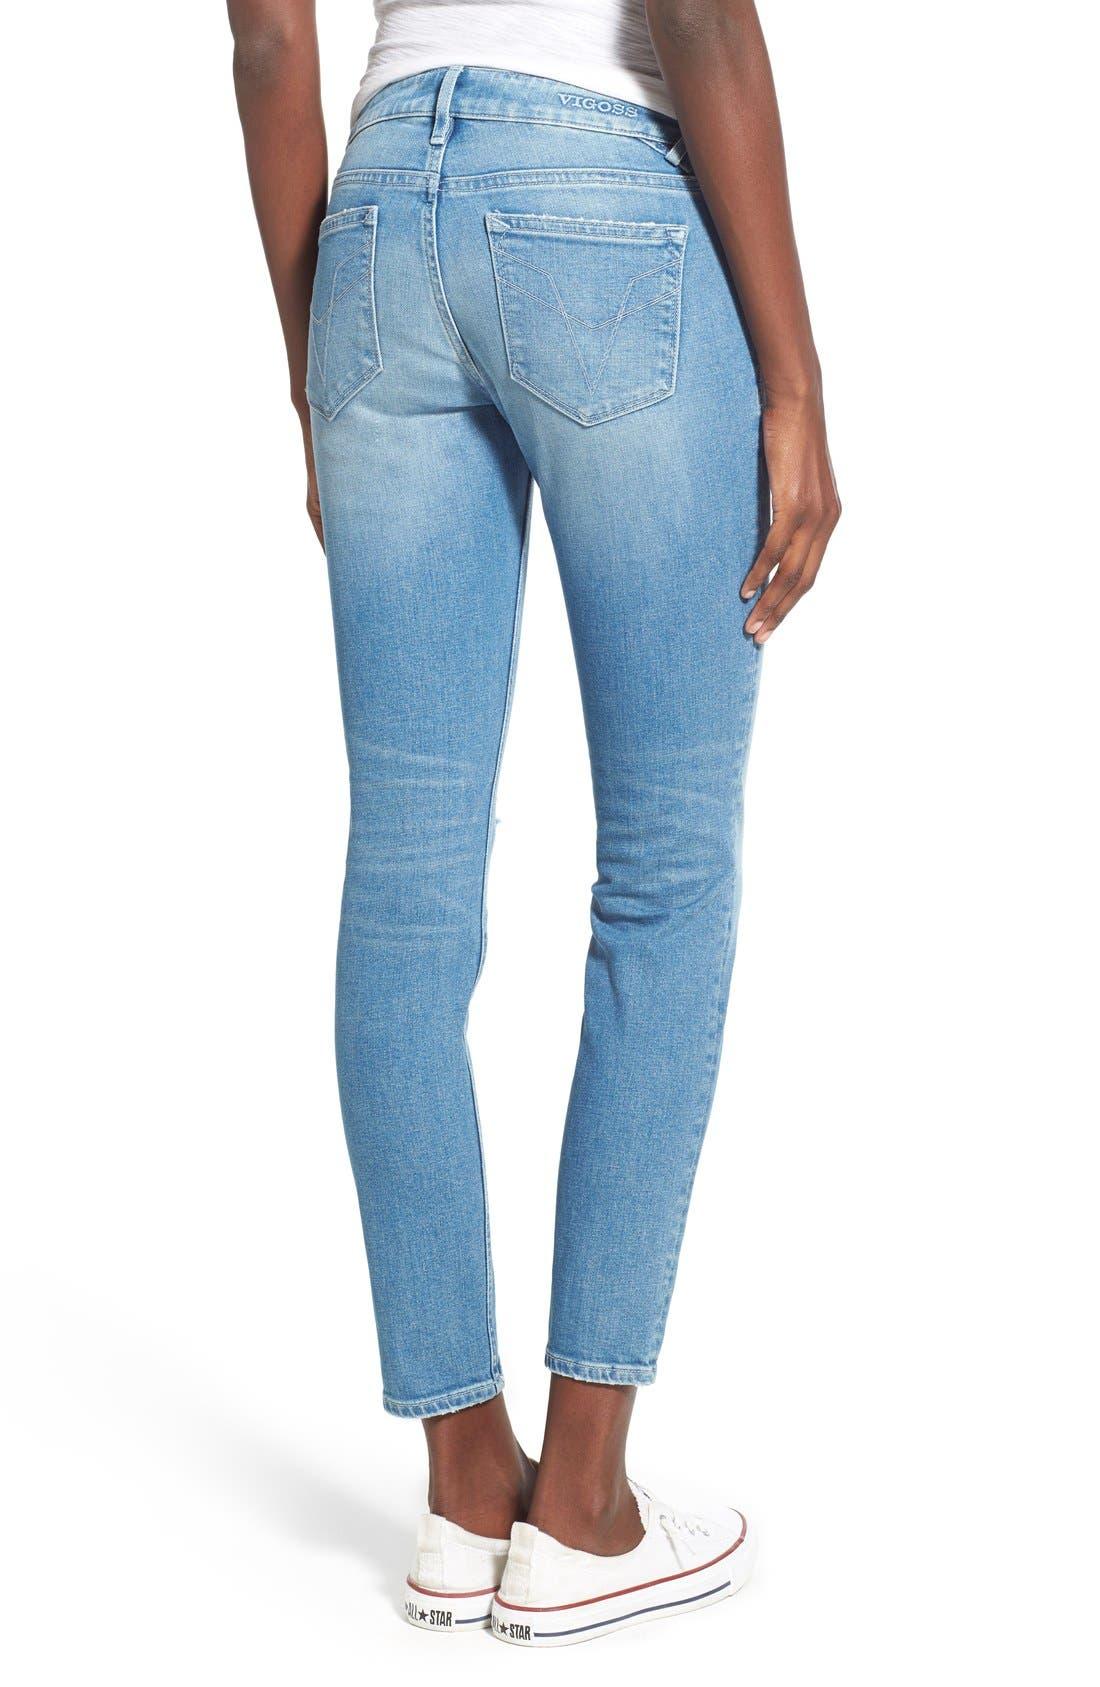 Alternate Image 2  - Vigoss 'Chelsea' Super Skinny Jeans (Light Wash)